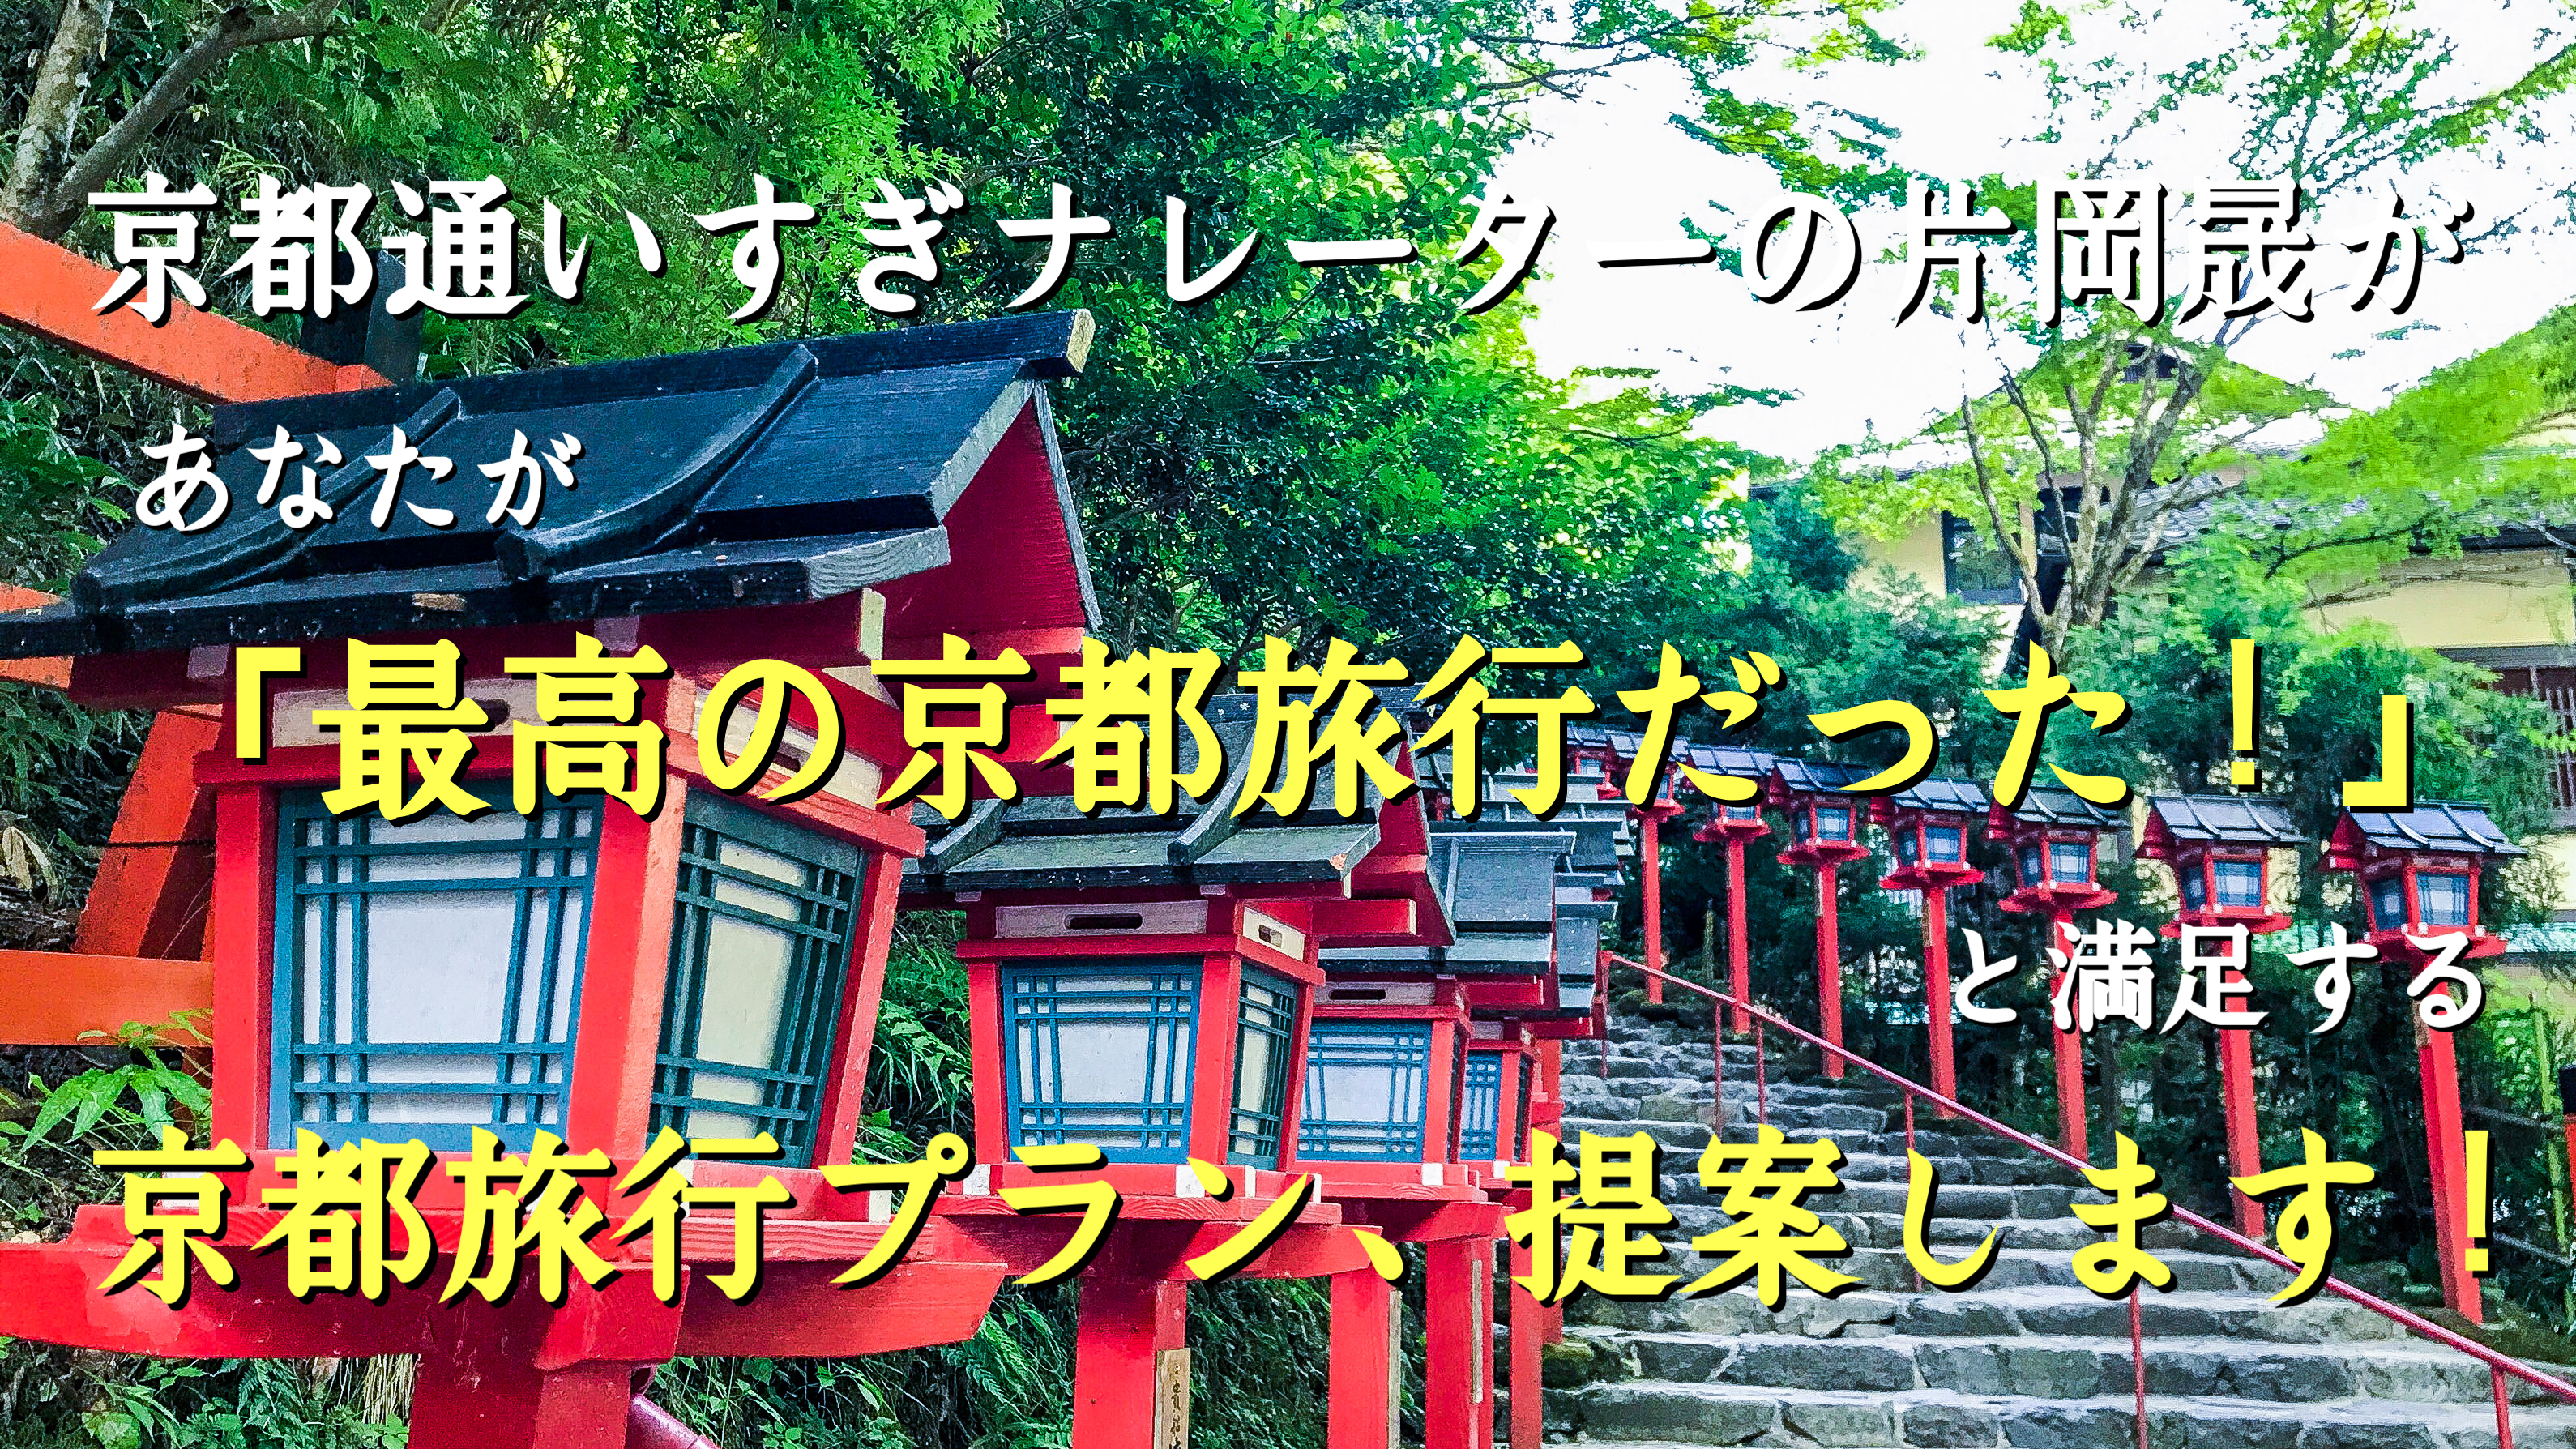 京都通いすぎナレーターの片岡晟が、あなたが「最高だった!」と満足する京都旅行プラン提案します!